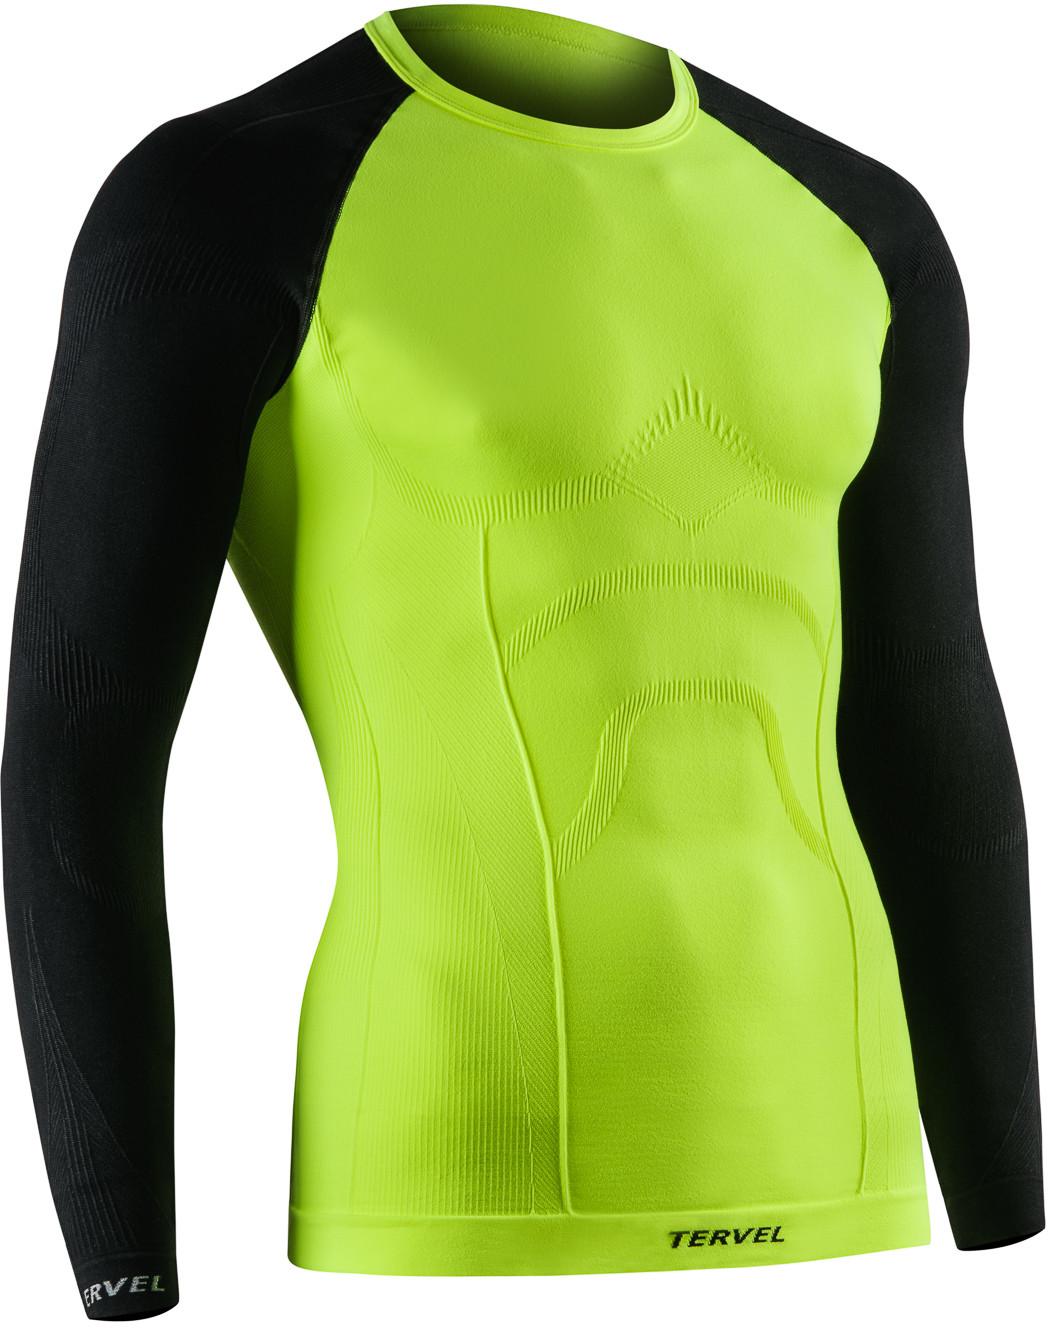 TERVEL COMFORTLINE 1002 męska koszulka termoaktywna długi rękaw kolor Fluo-czarny